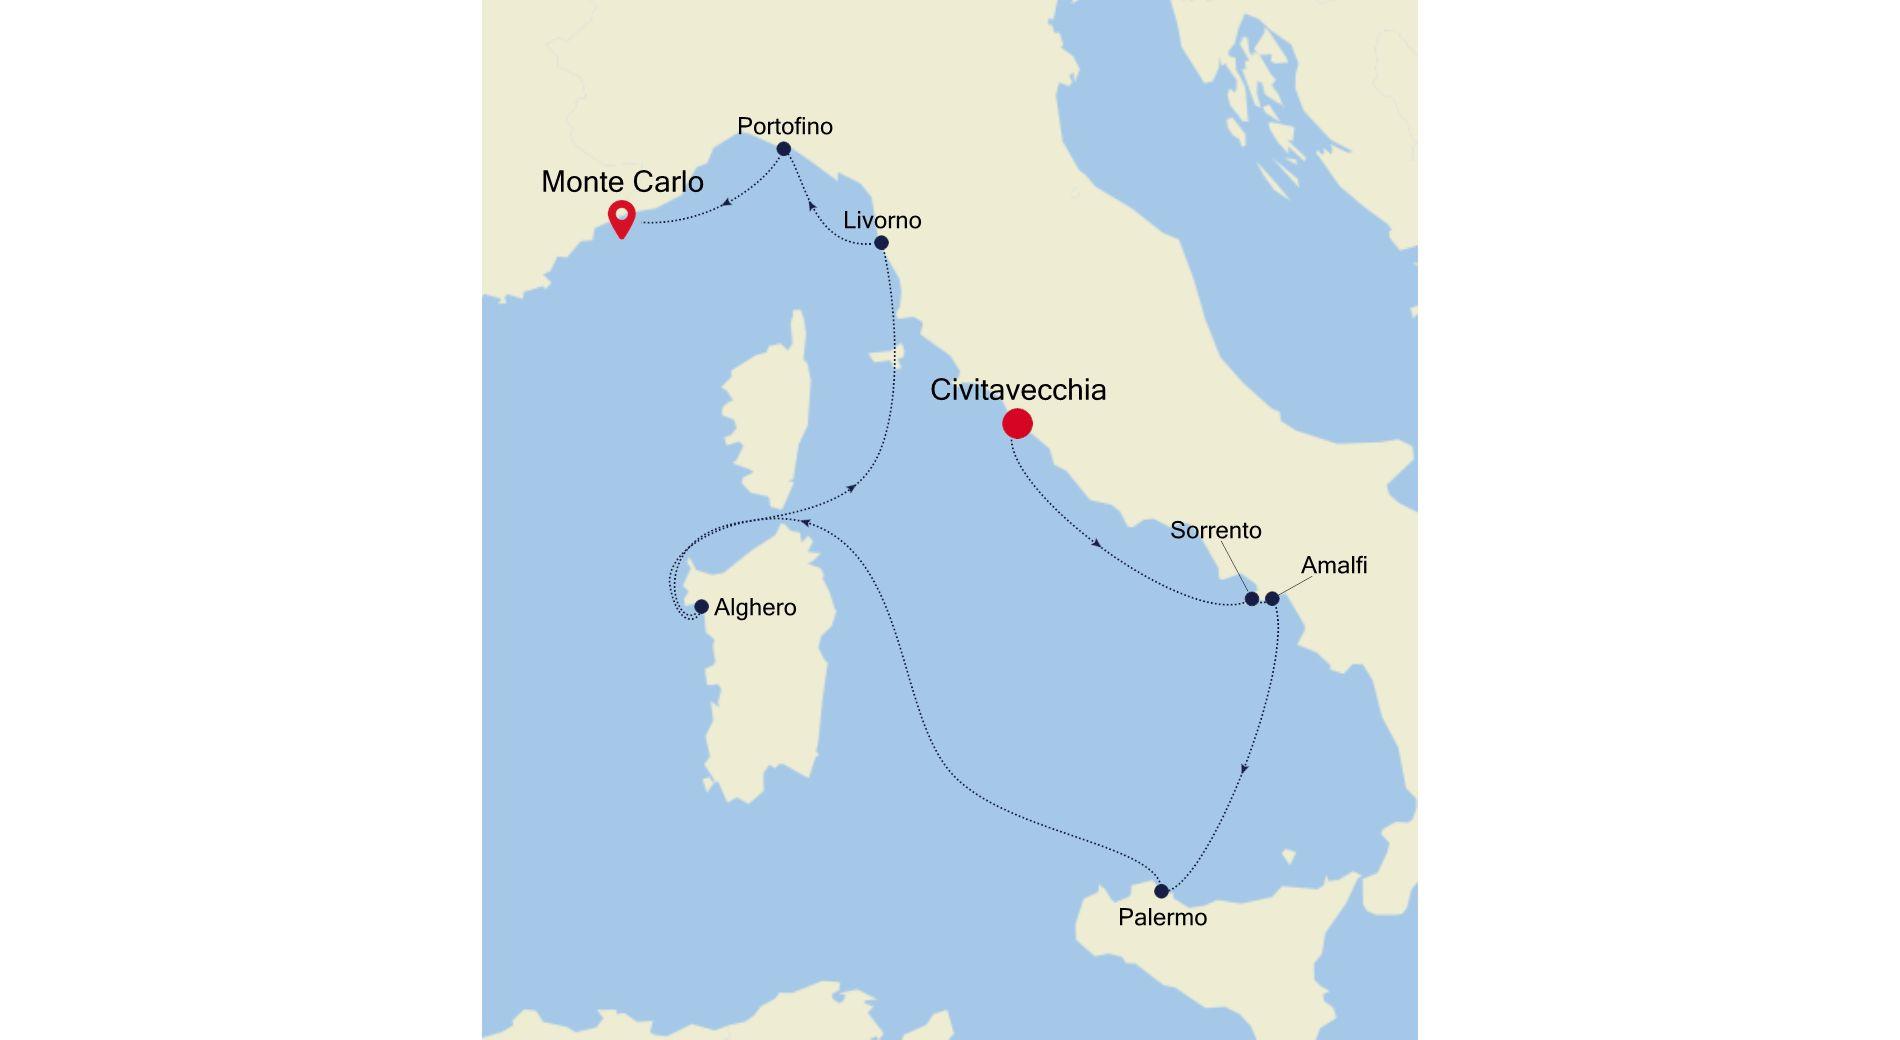 5929 - Civitavecchia nach Monte Carlo